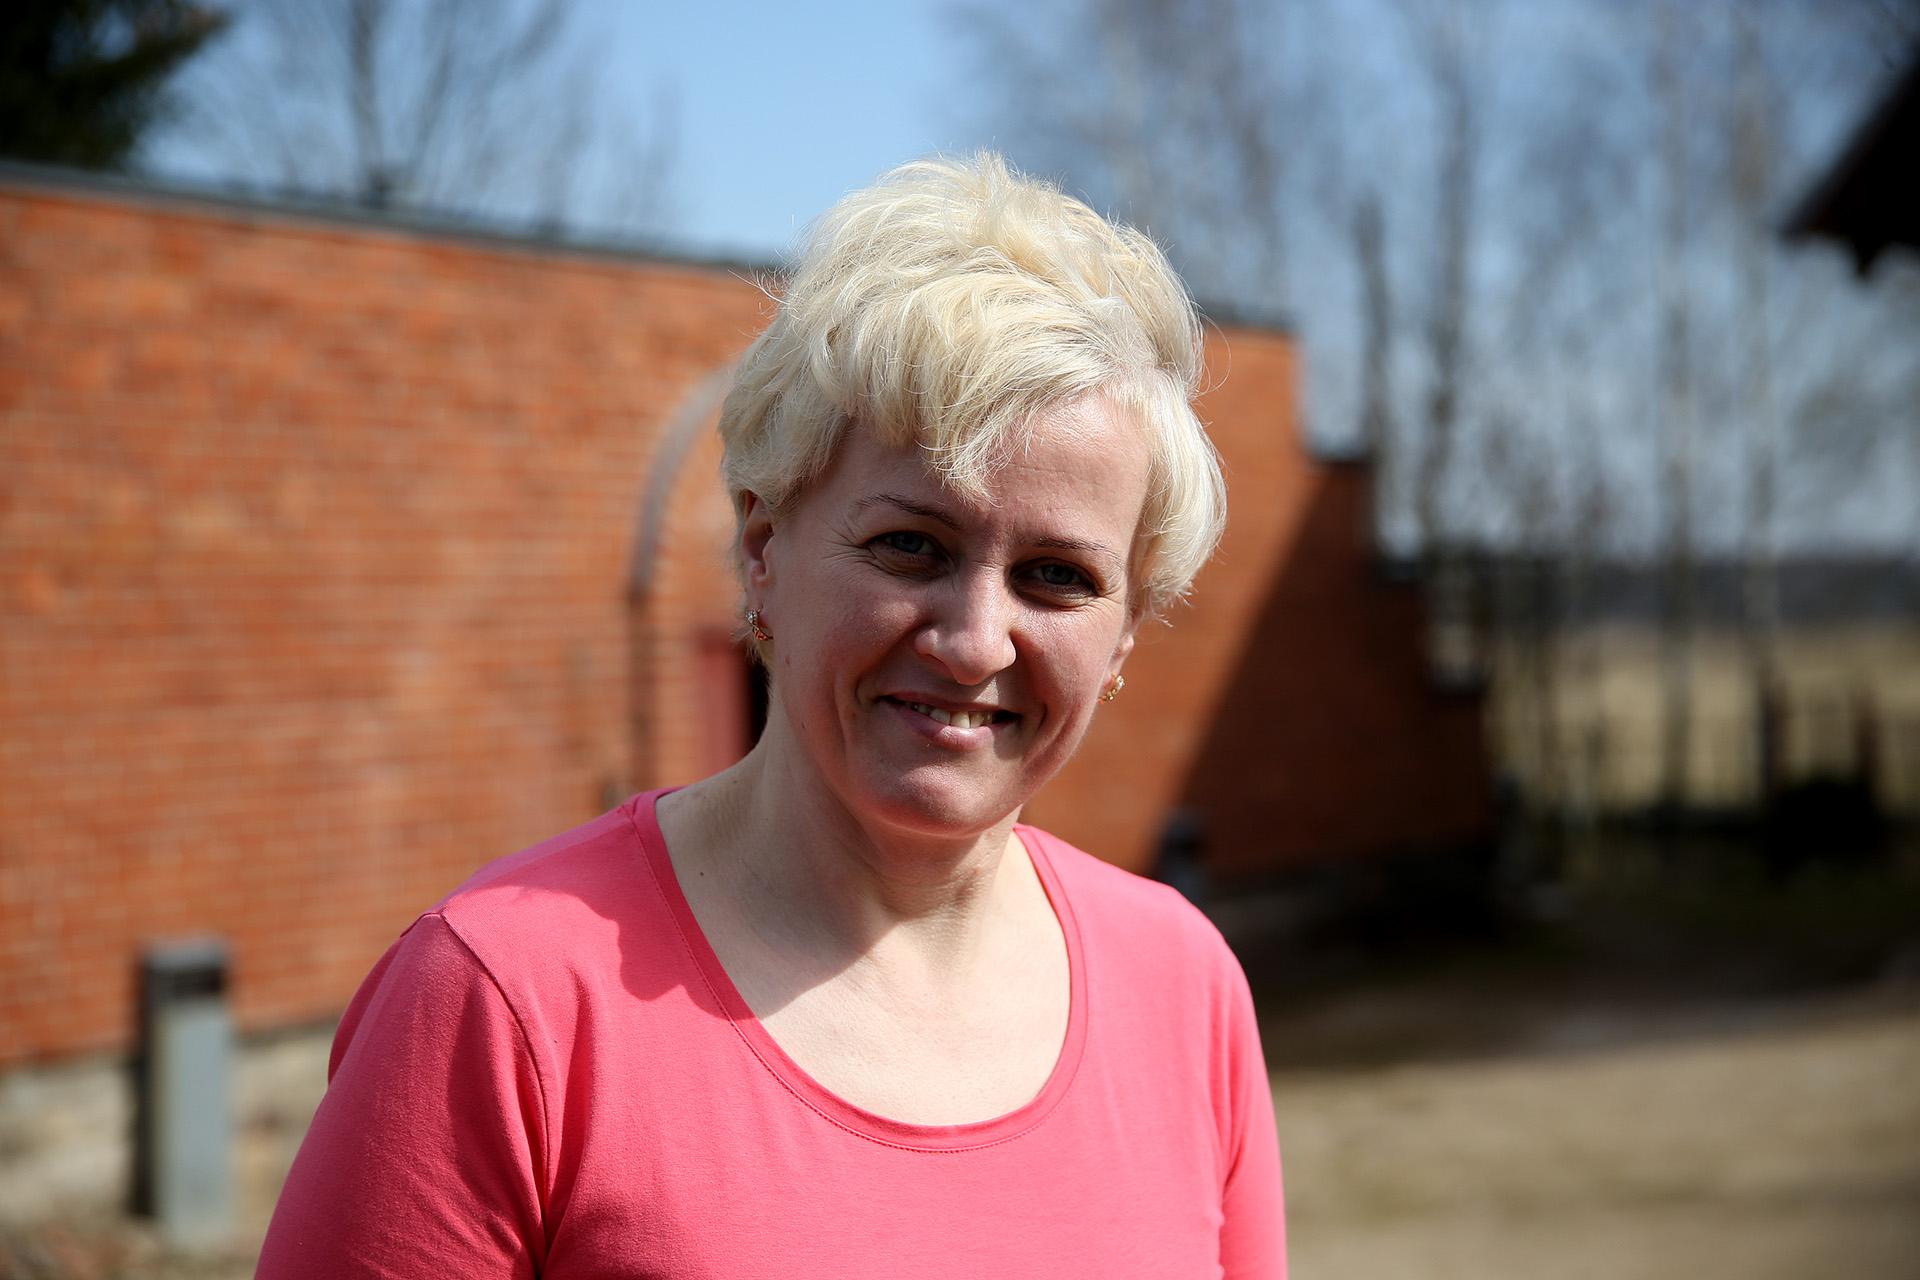 Nors Lijana nelinkusi girtis, bet jos kieme stūksantis rūsys yra bene vienintelis toks Lietuvoje. A. Barzdžiaus nuotr.